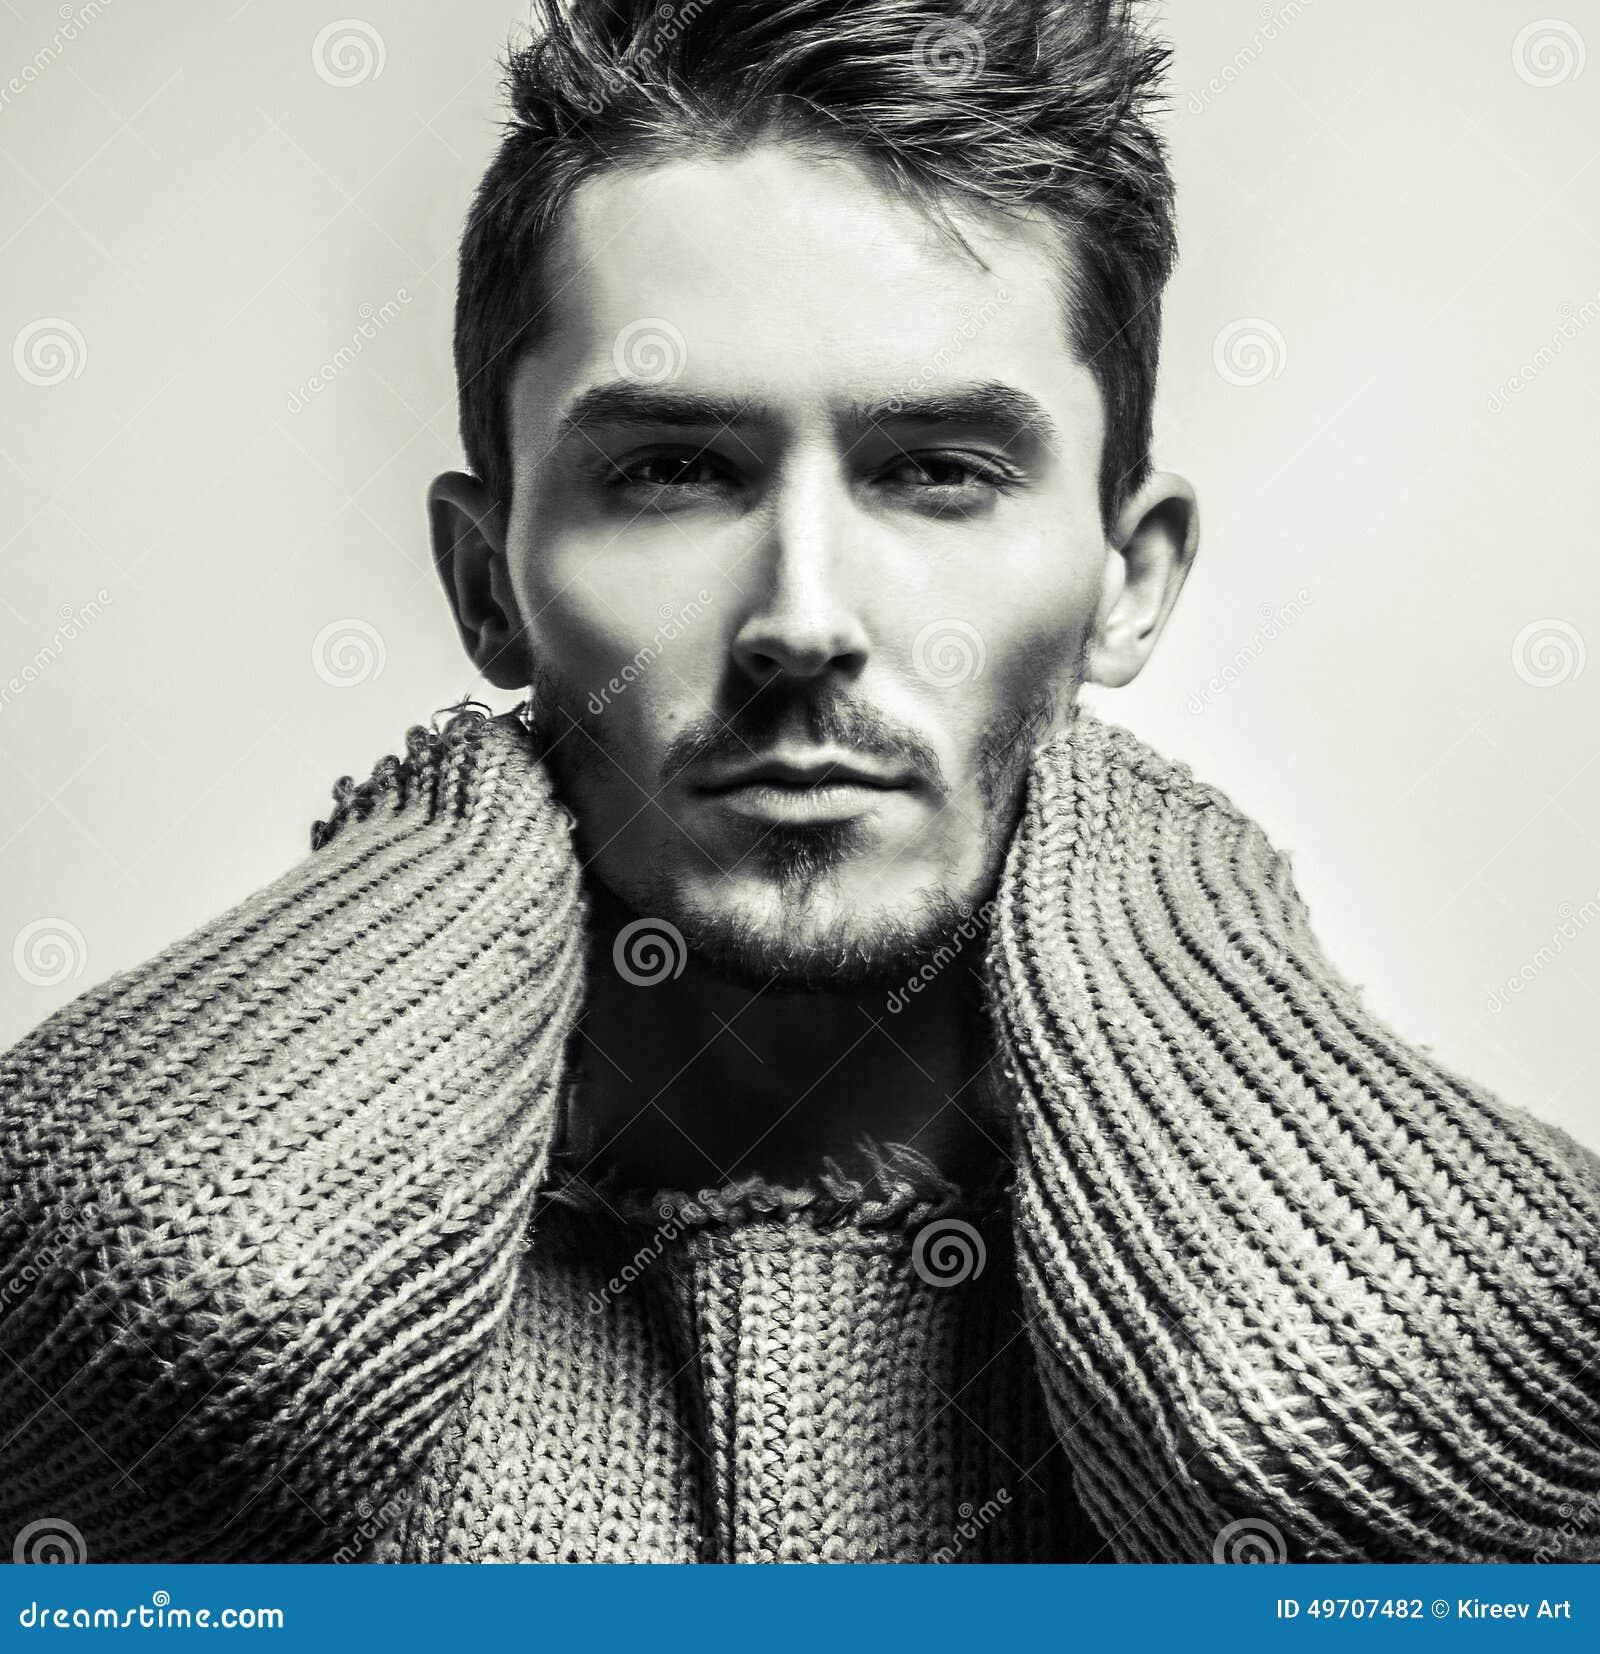 jak wygląda przystojny mężczyzna